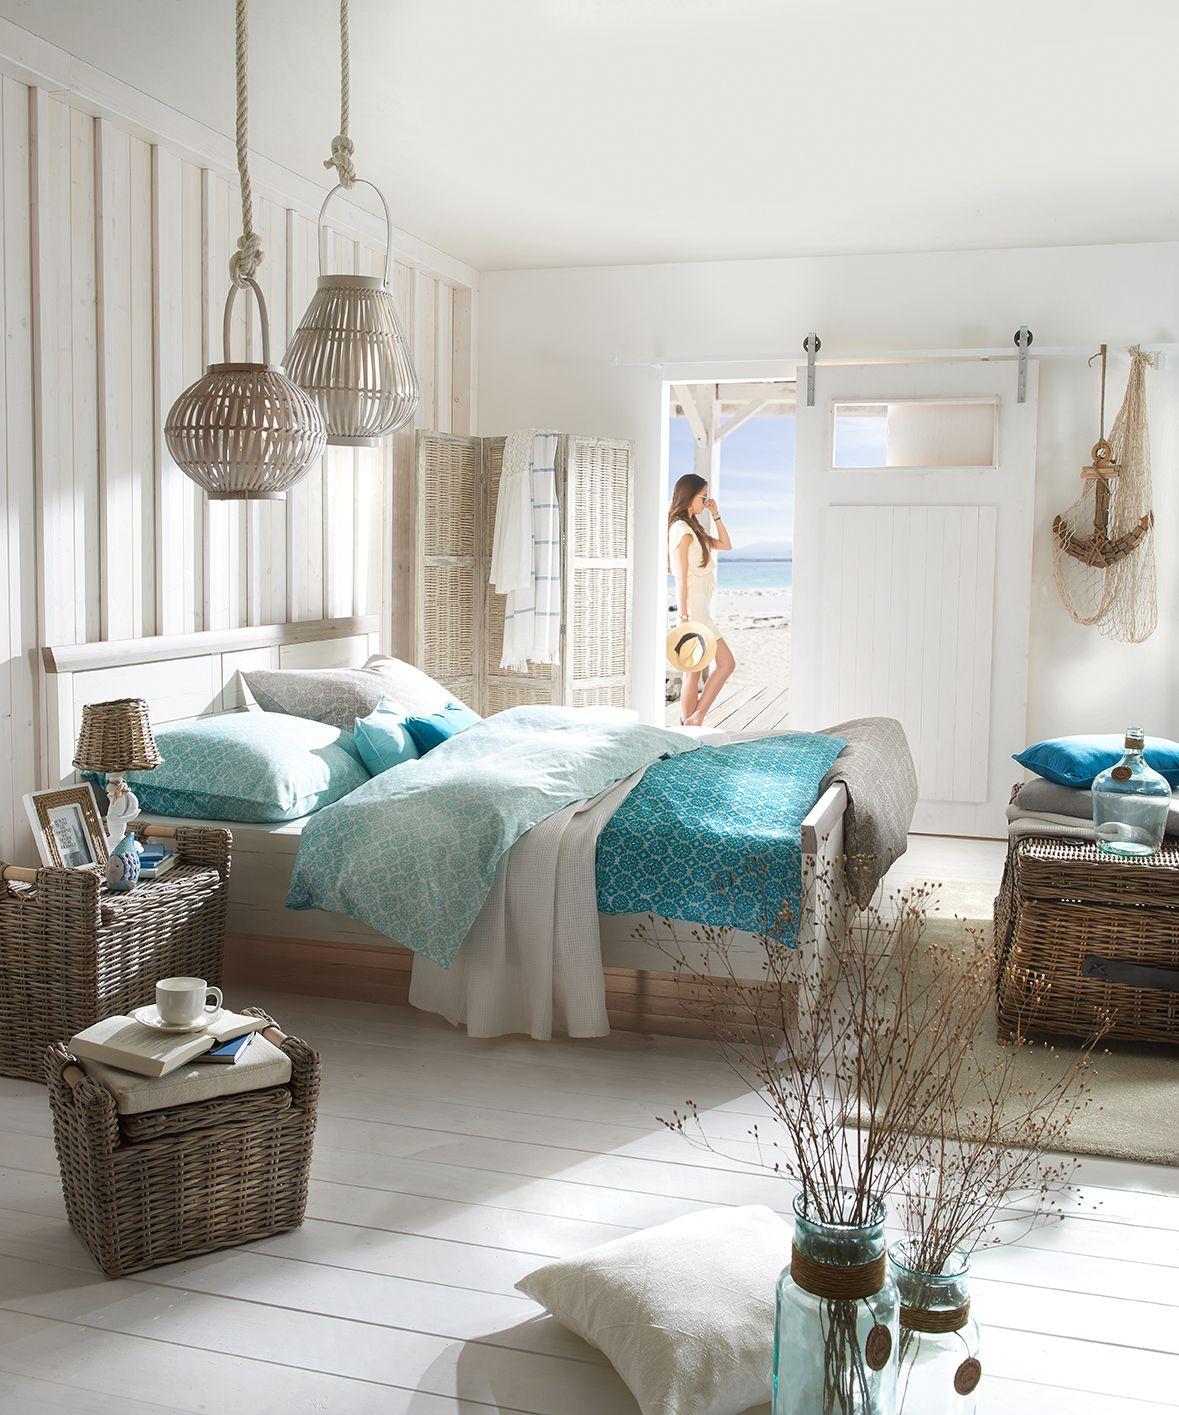 Schlafzimmer Mit Bett Und Blauer Bettwasche Im Ozean Style Mit